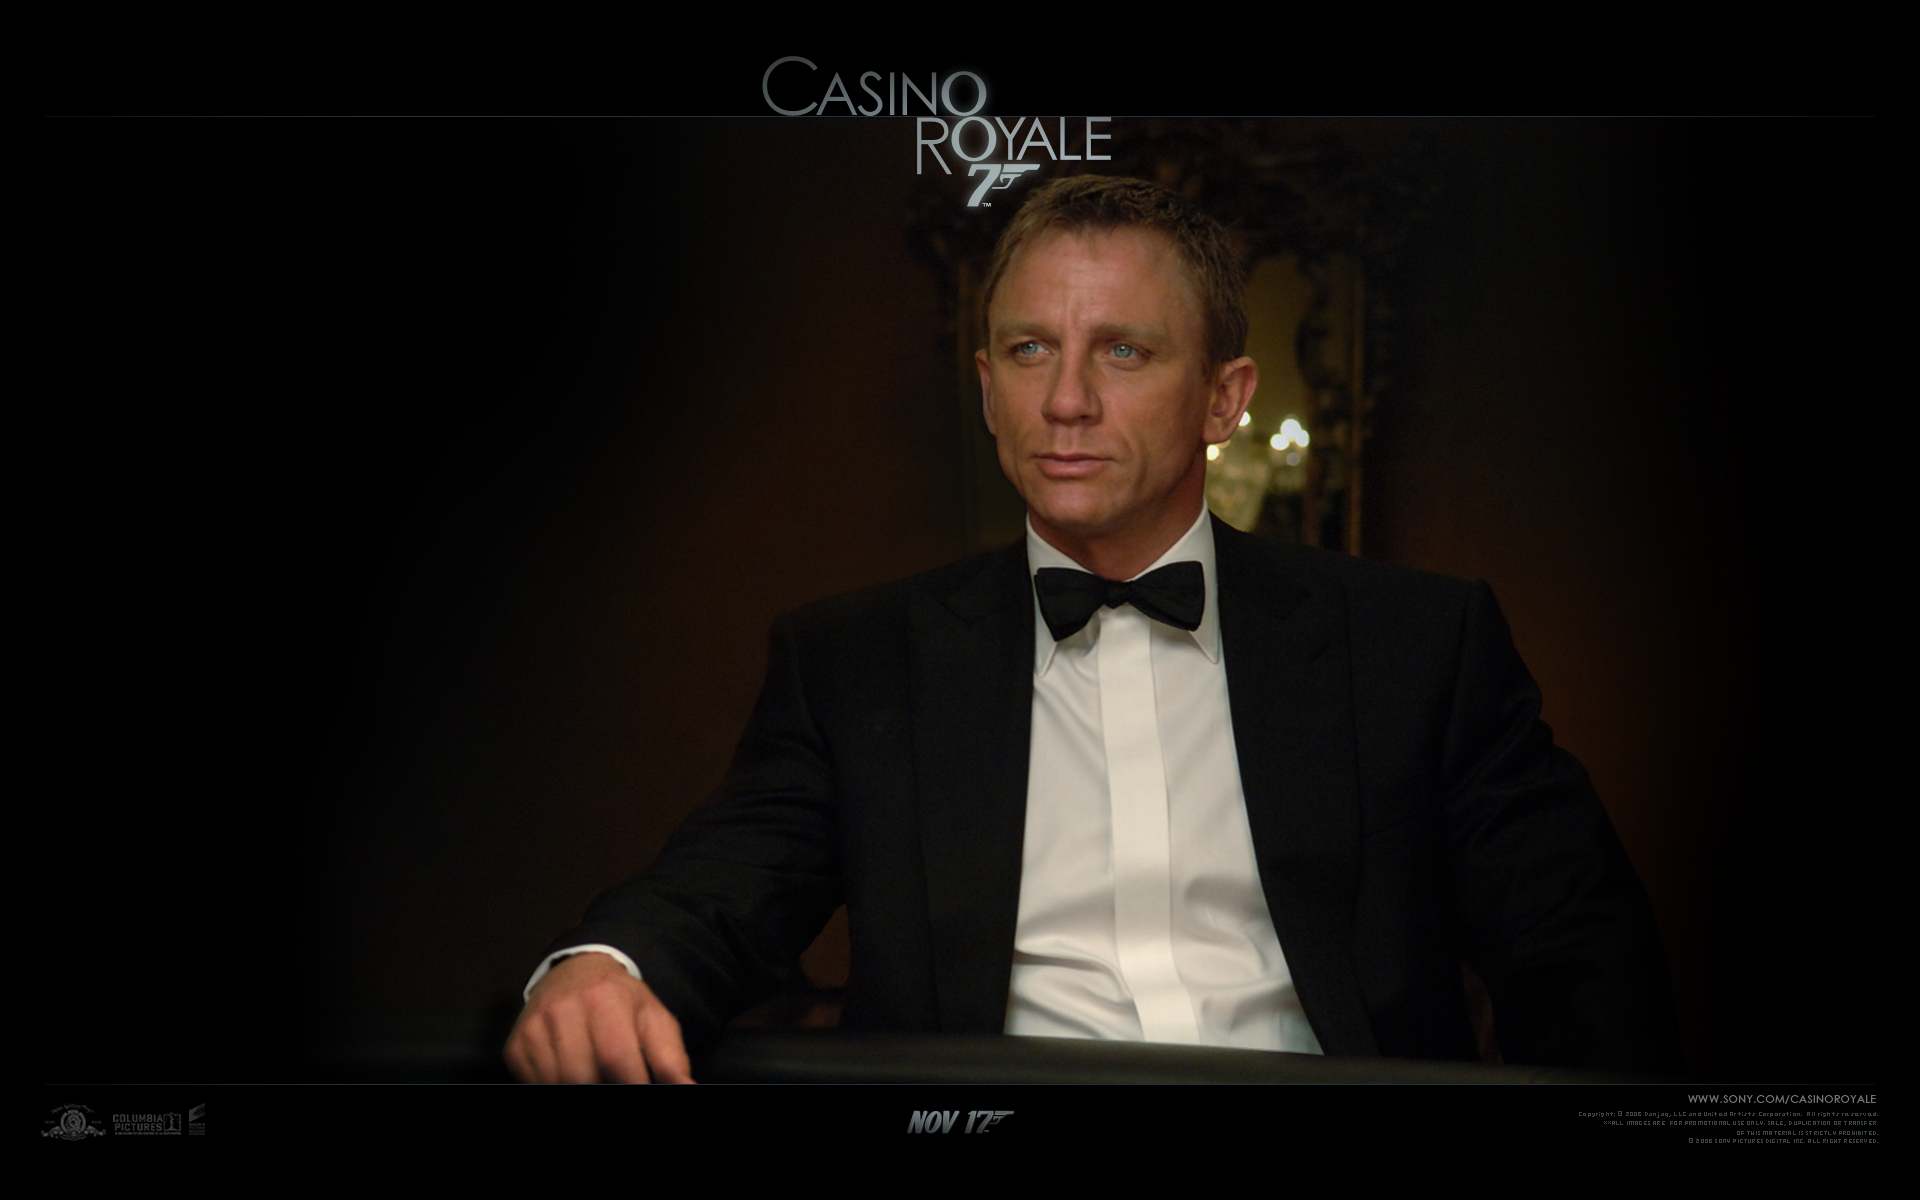 Nuevo agente Bond Licencia Daniel Craig s para guardar el papel - BBC News (el actor Daniel Craig, el actor Daniel Bond)